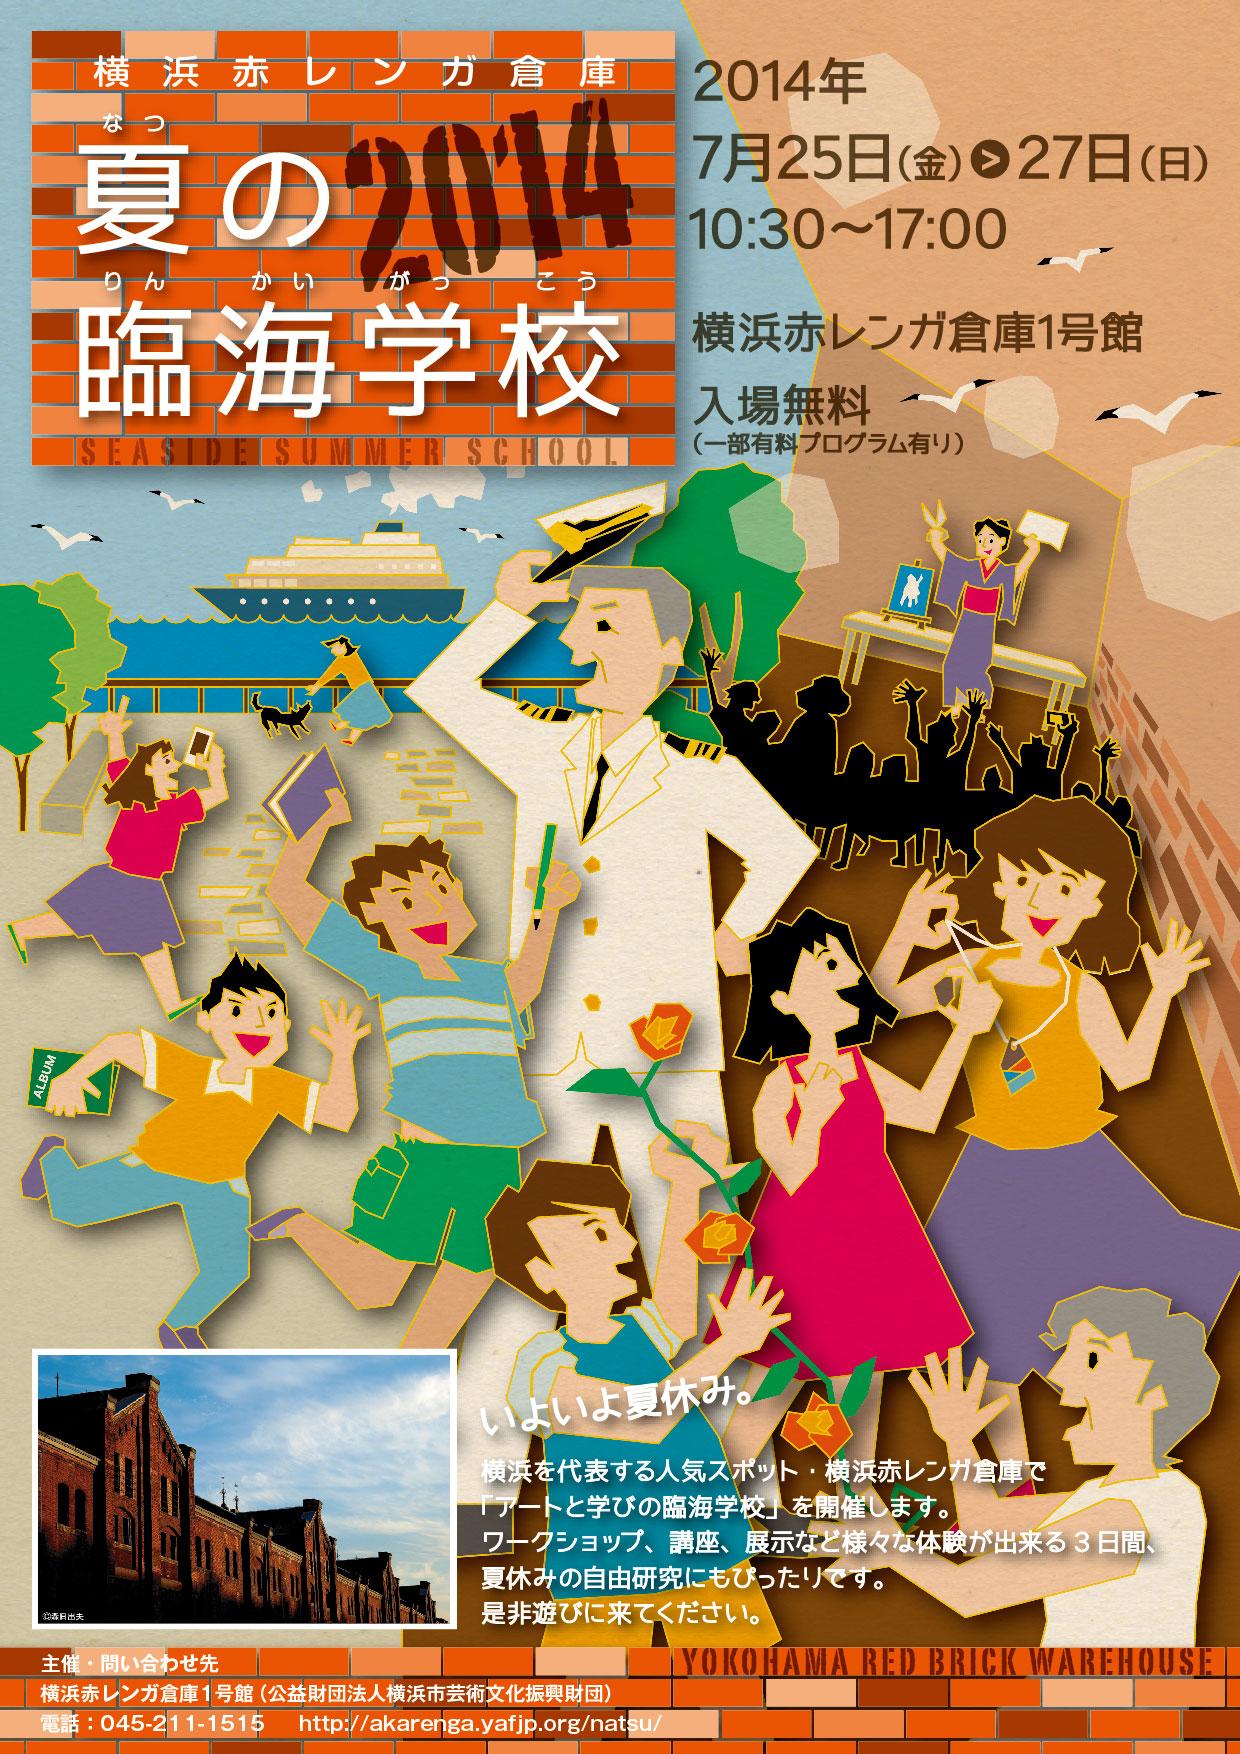 横浜赤レンガ倉庫「夏の臨海学校2014」